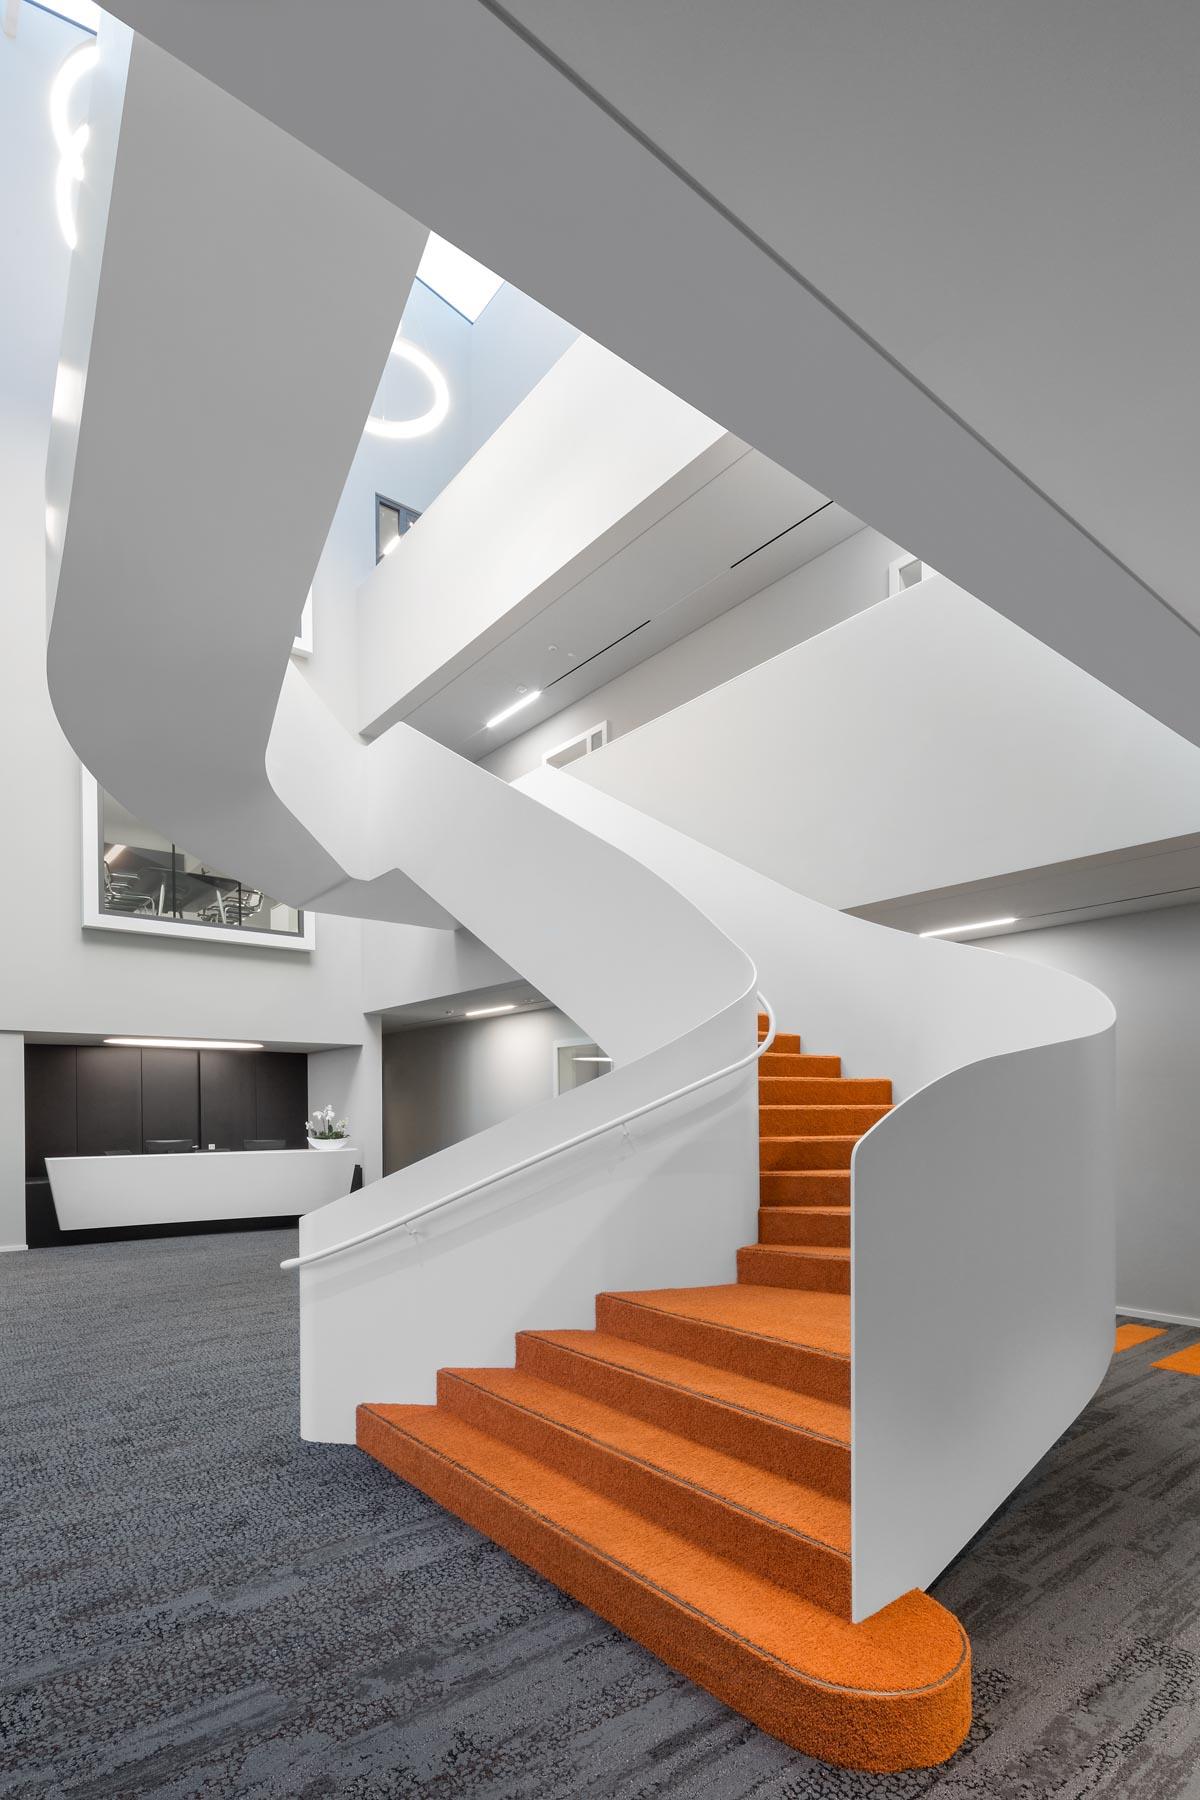 208architektur